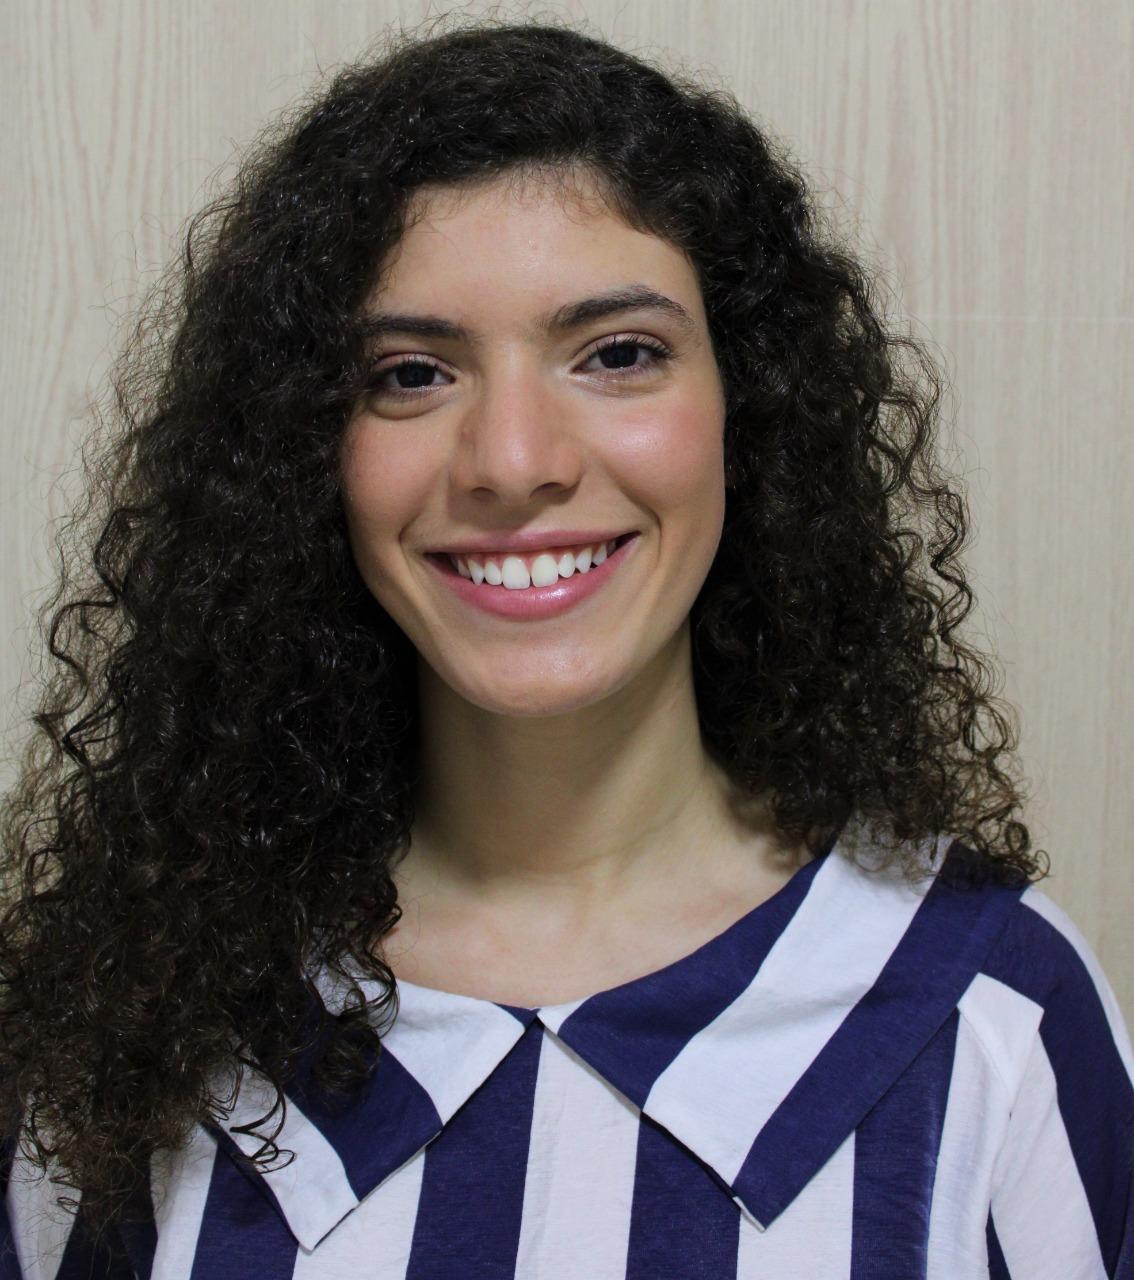 Camila Paim